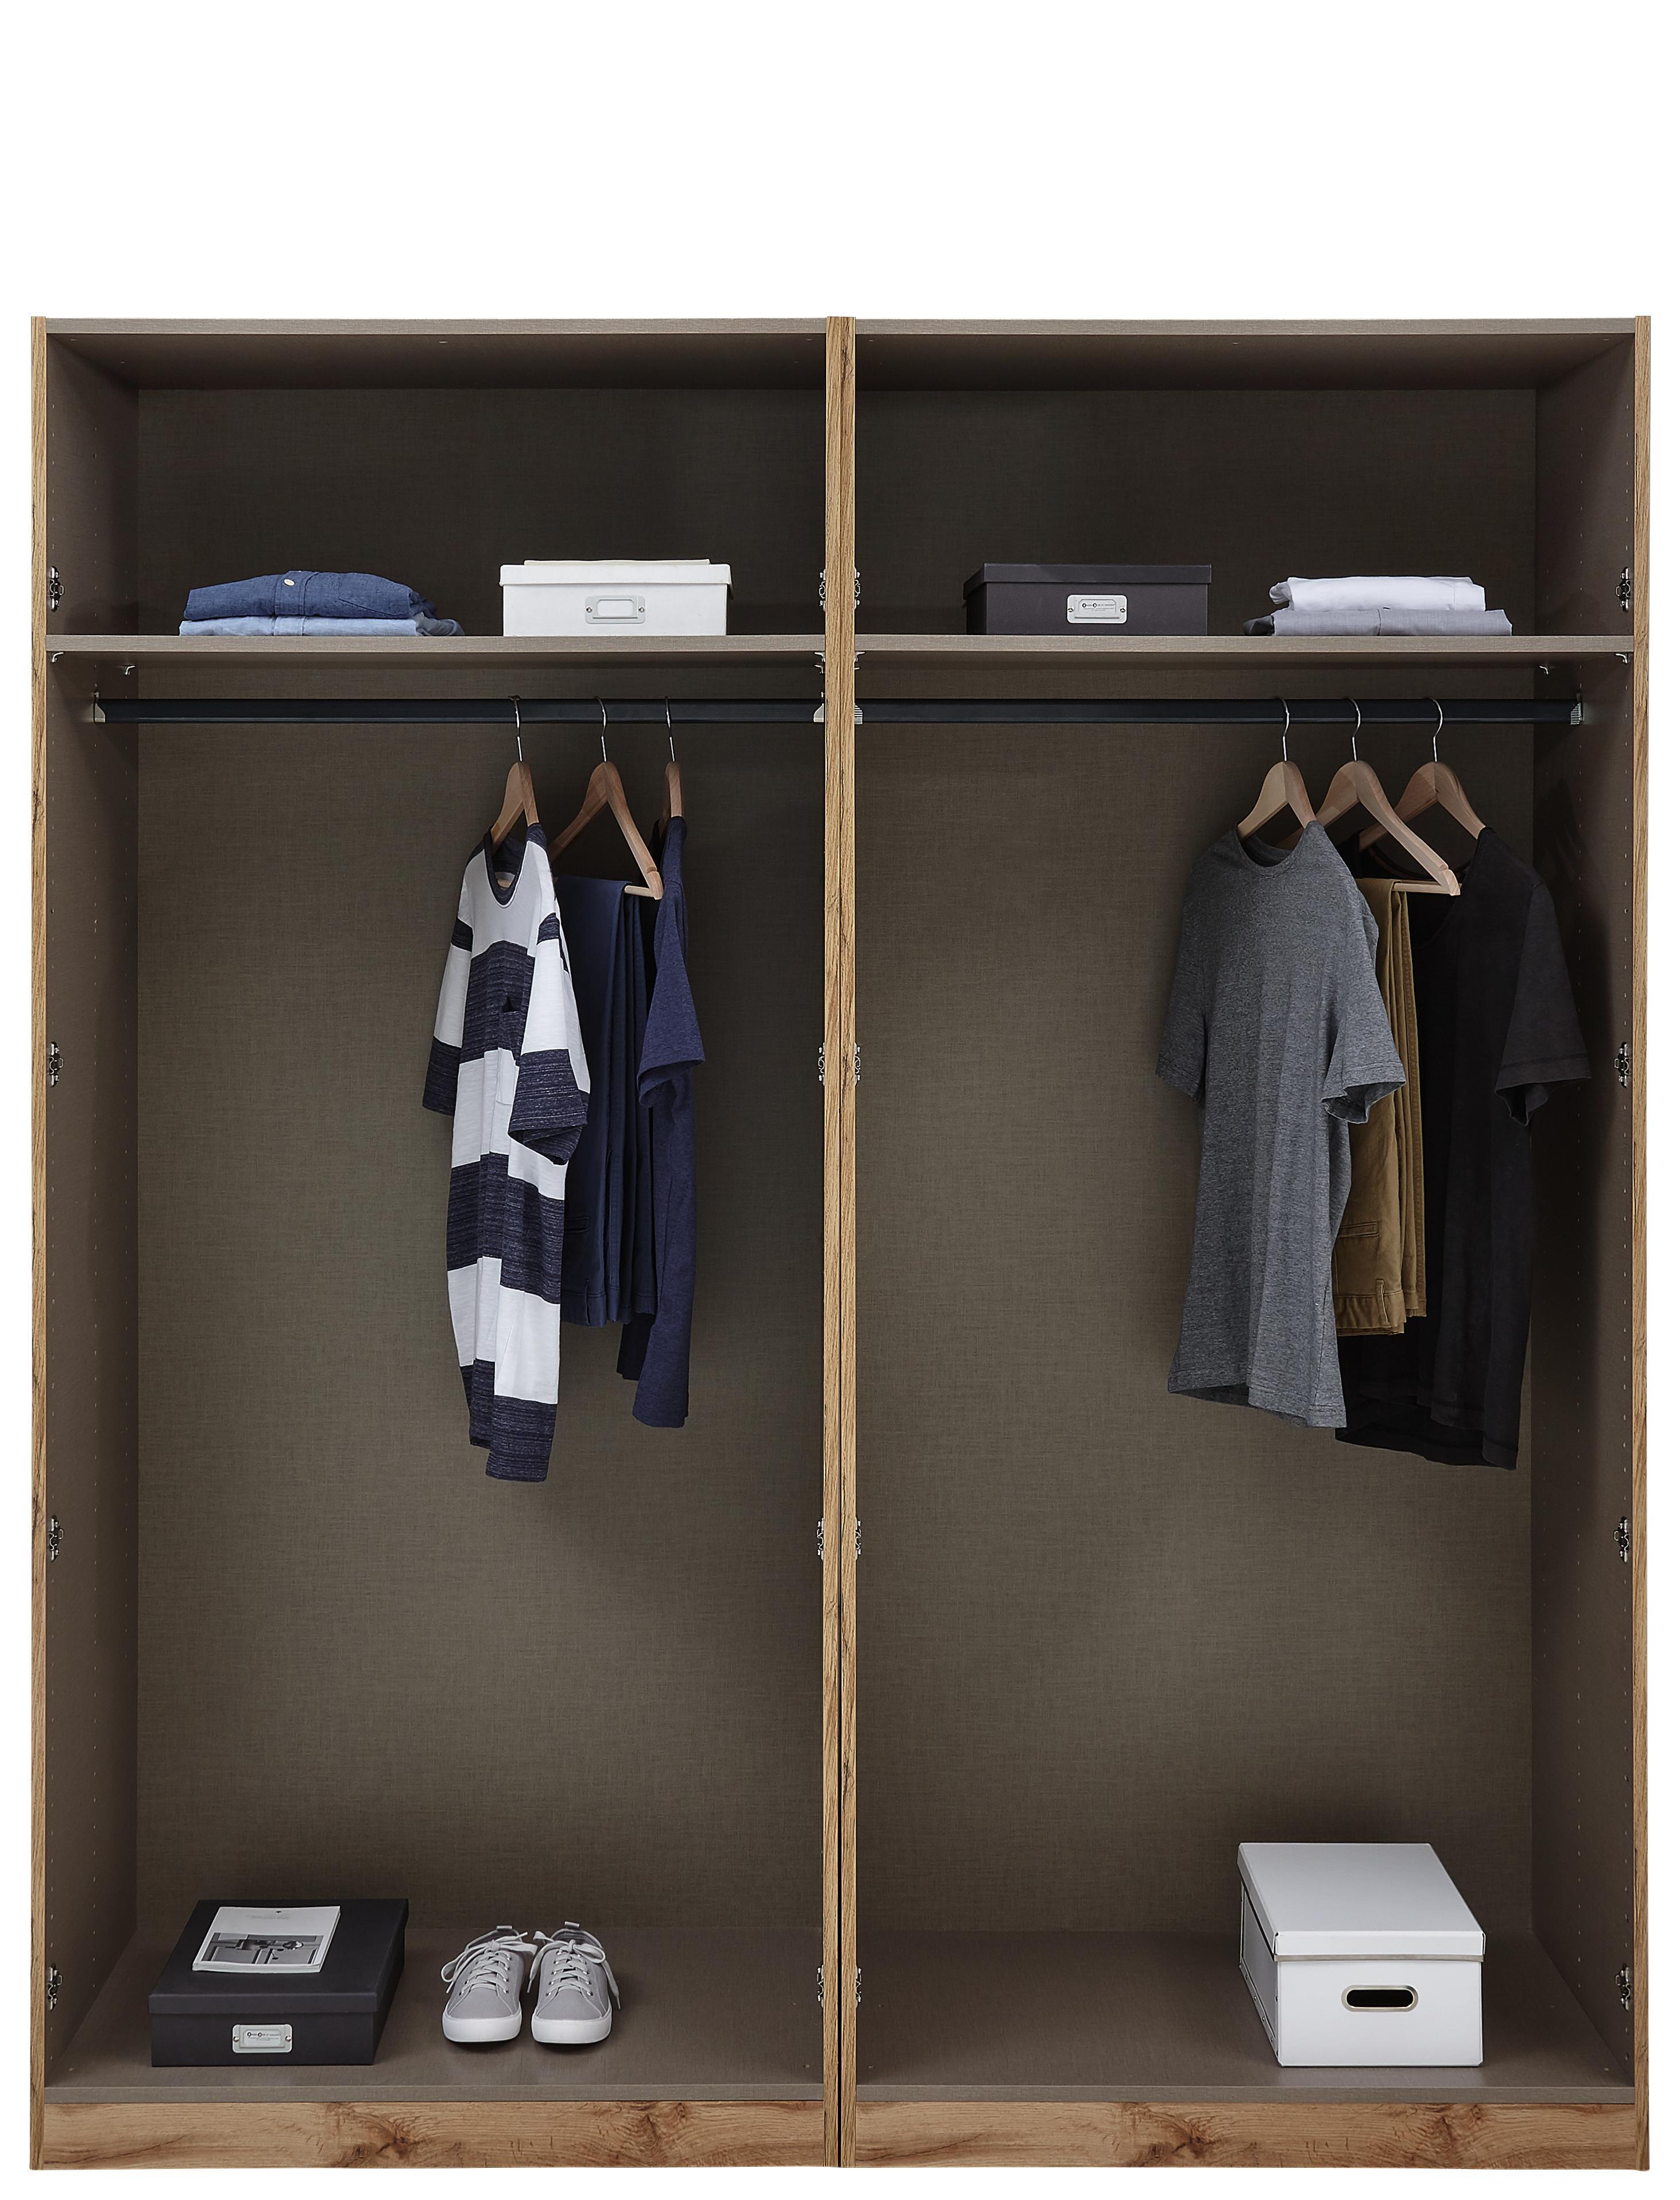 Offener Kleiderschrank mit Kleiderstange und Einlegeboden